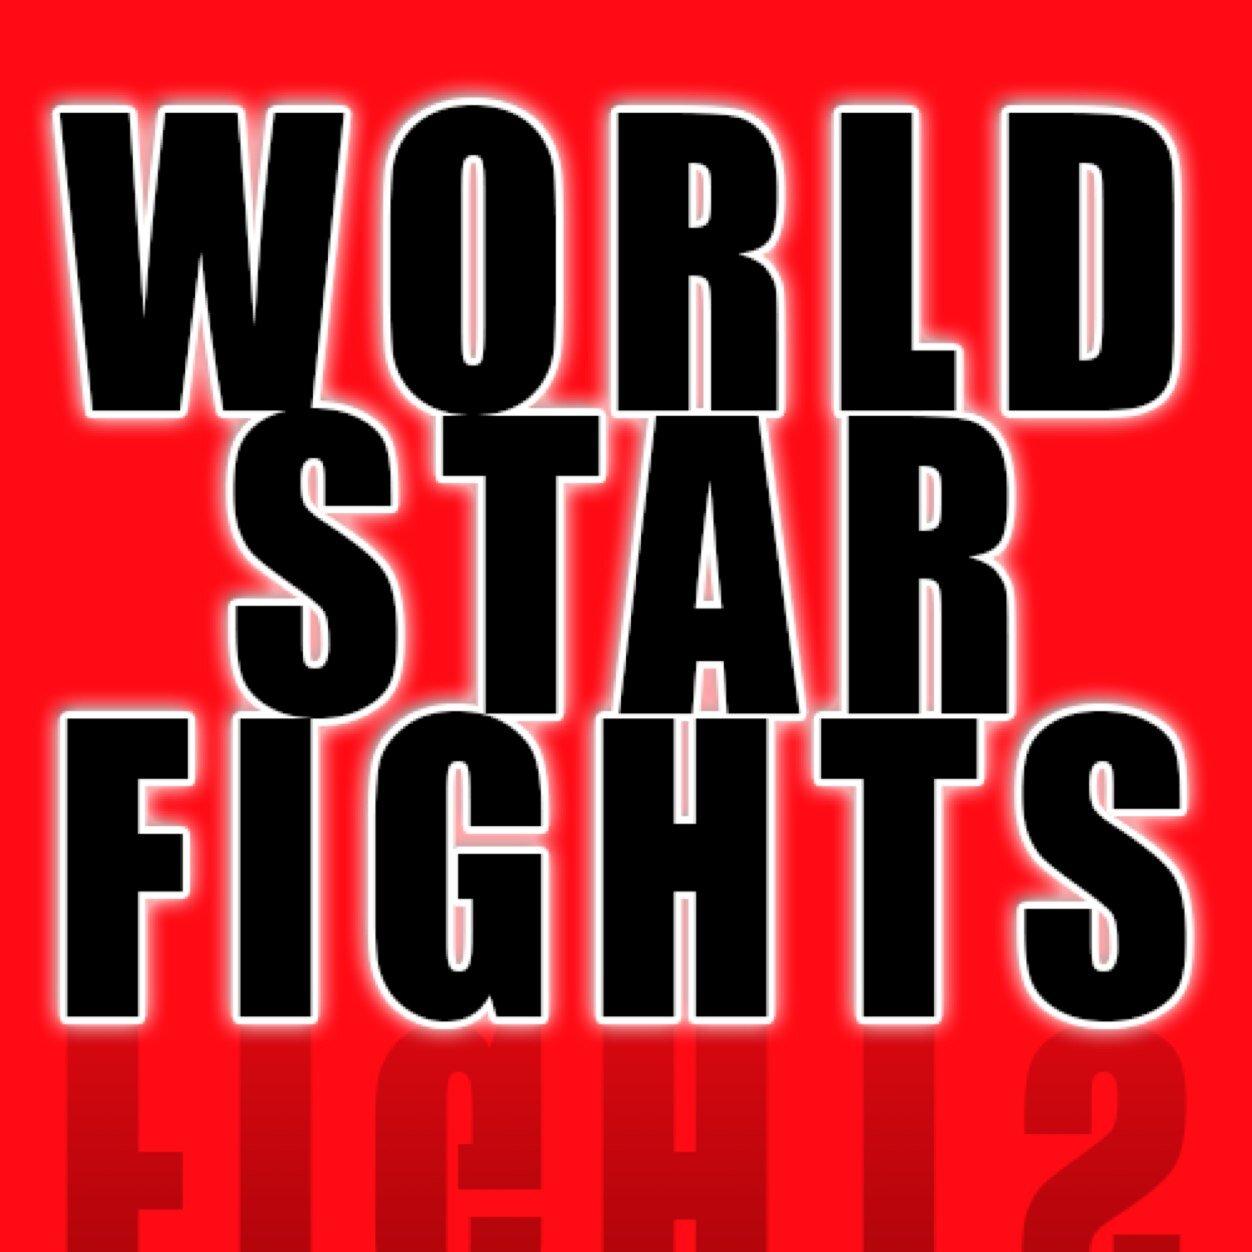 Uncut Worldstar Vines Great world star vines (@woridstarfights) | twitter